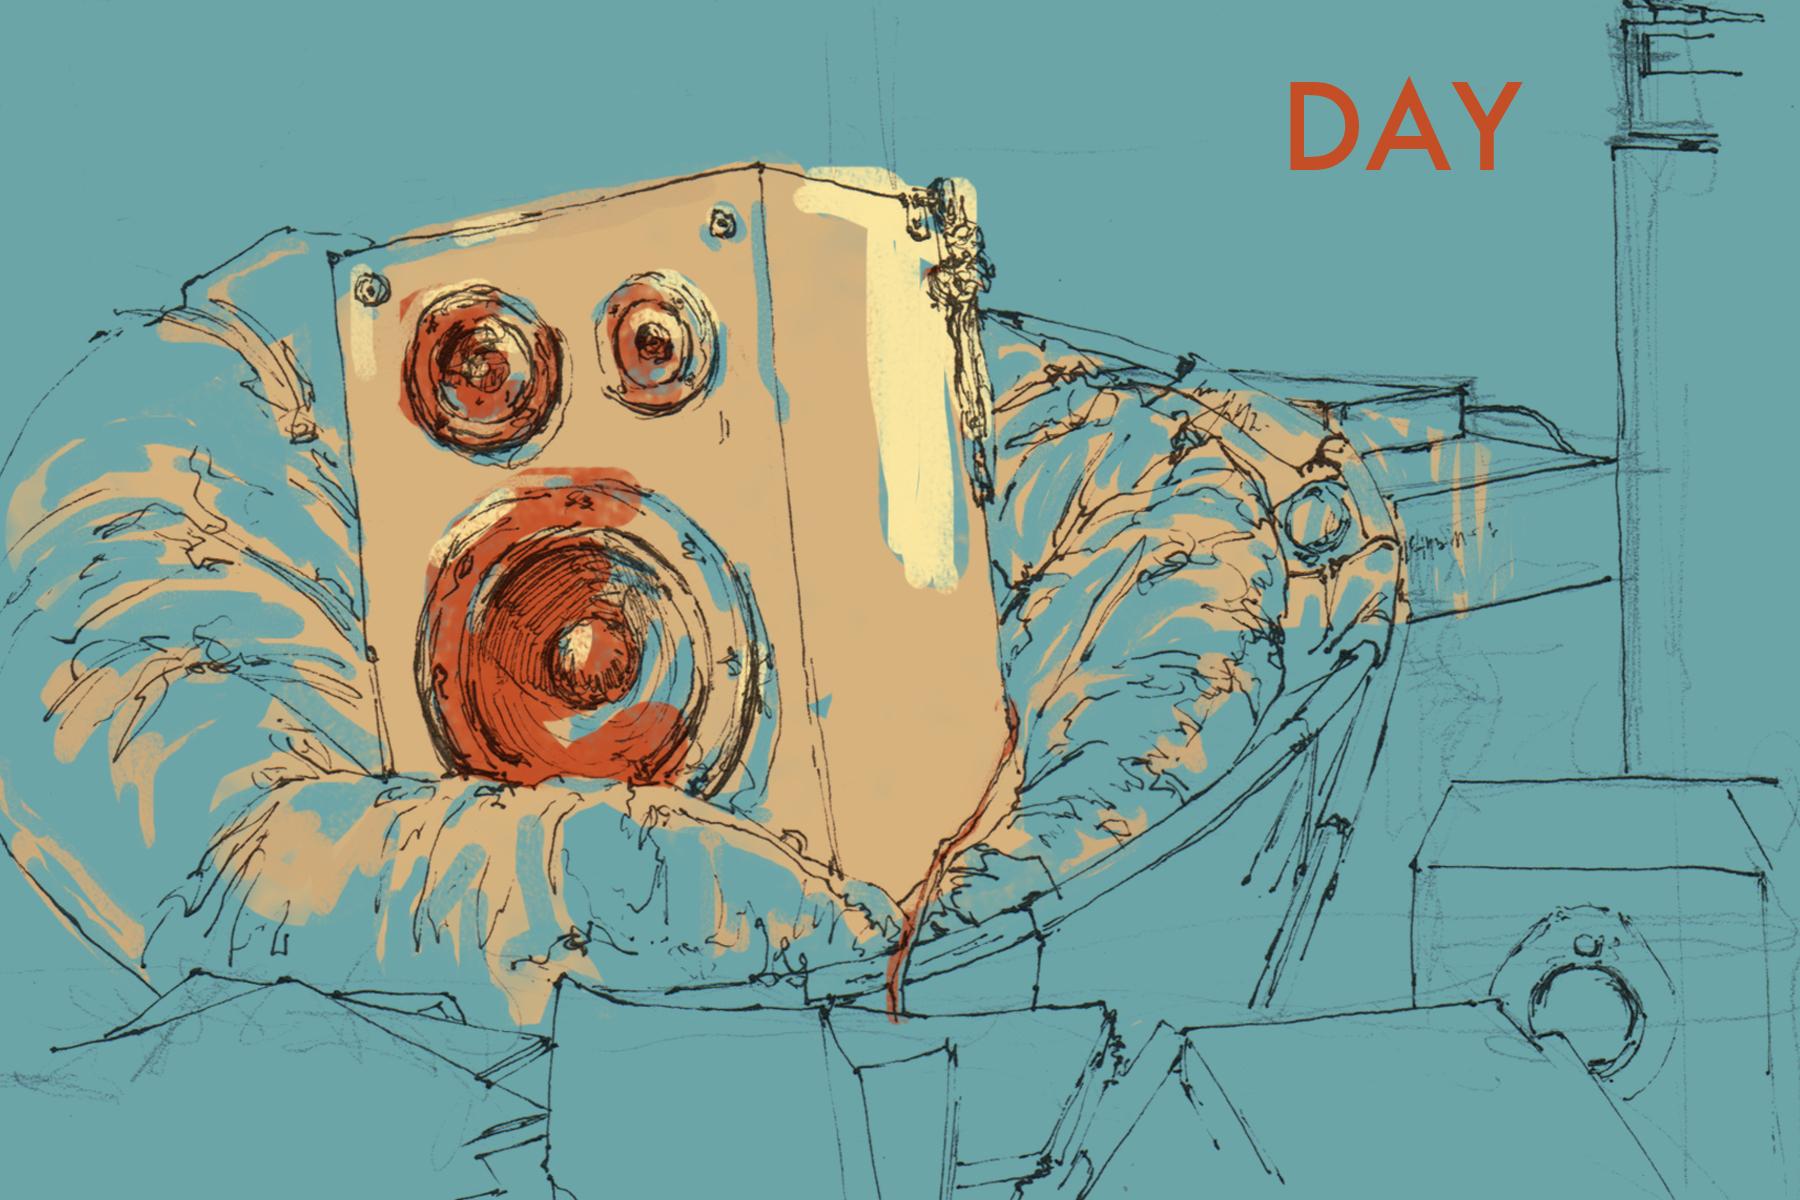 12-day3.jpg